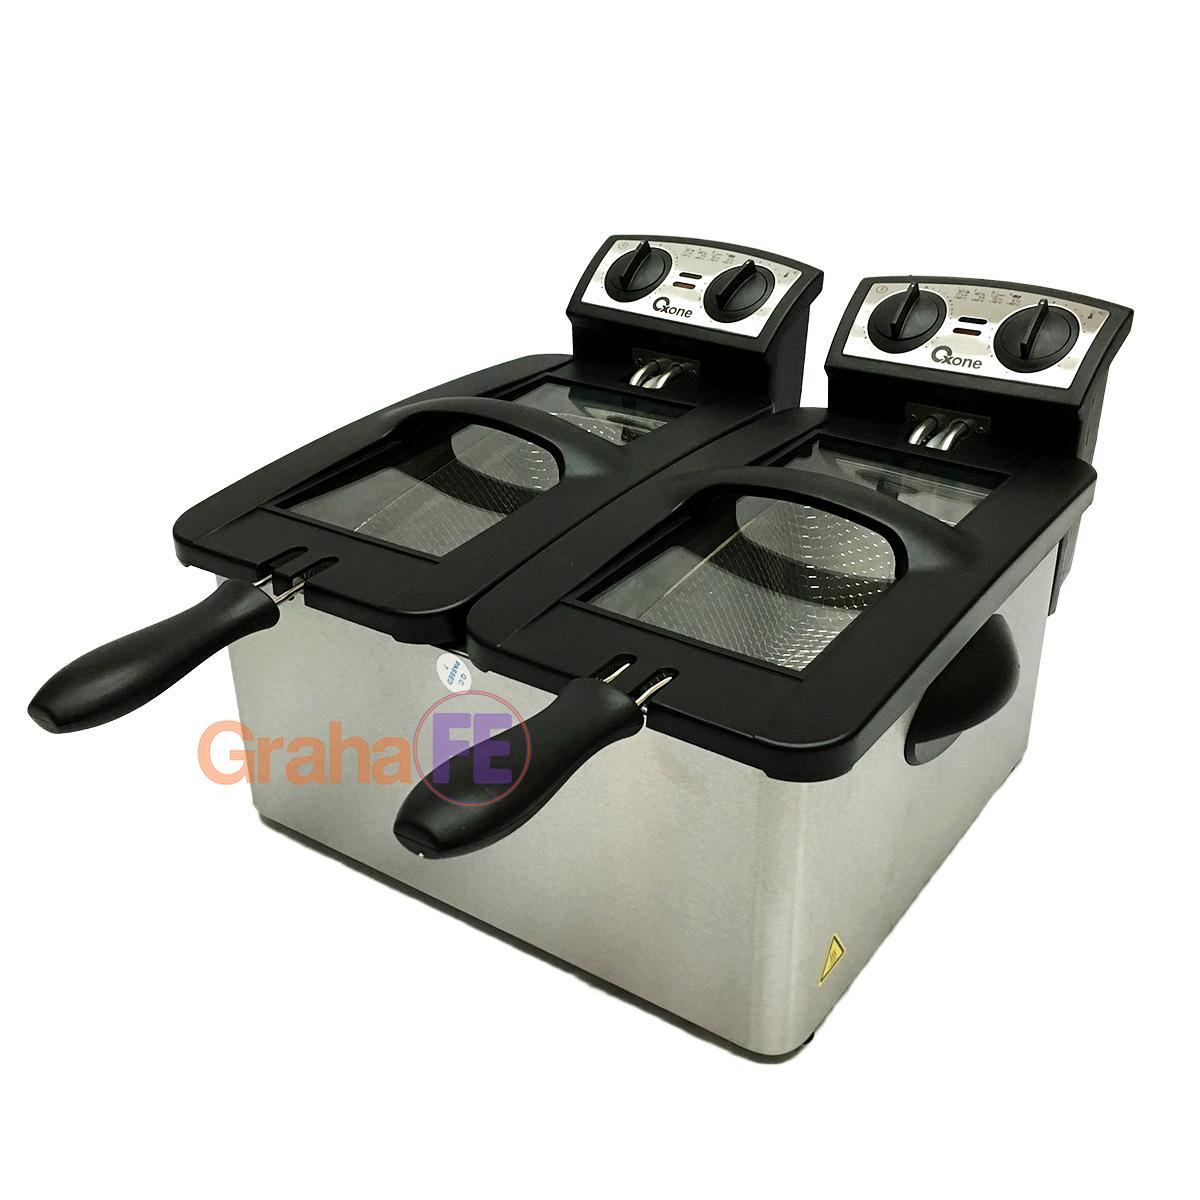 Graha Fe Double Deep Fryer 2 X 3 Liter Penggoreng 2 X 1800 Watt Oxone Ox-990 By Graha Fe.